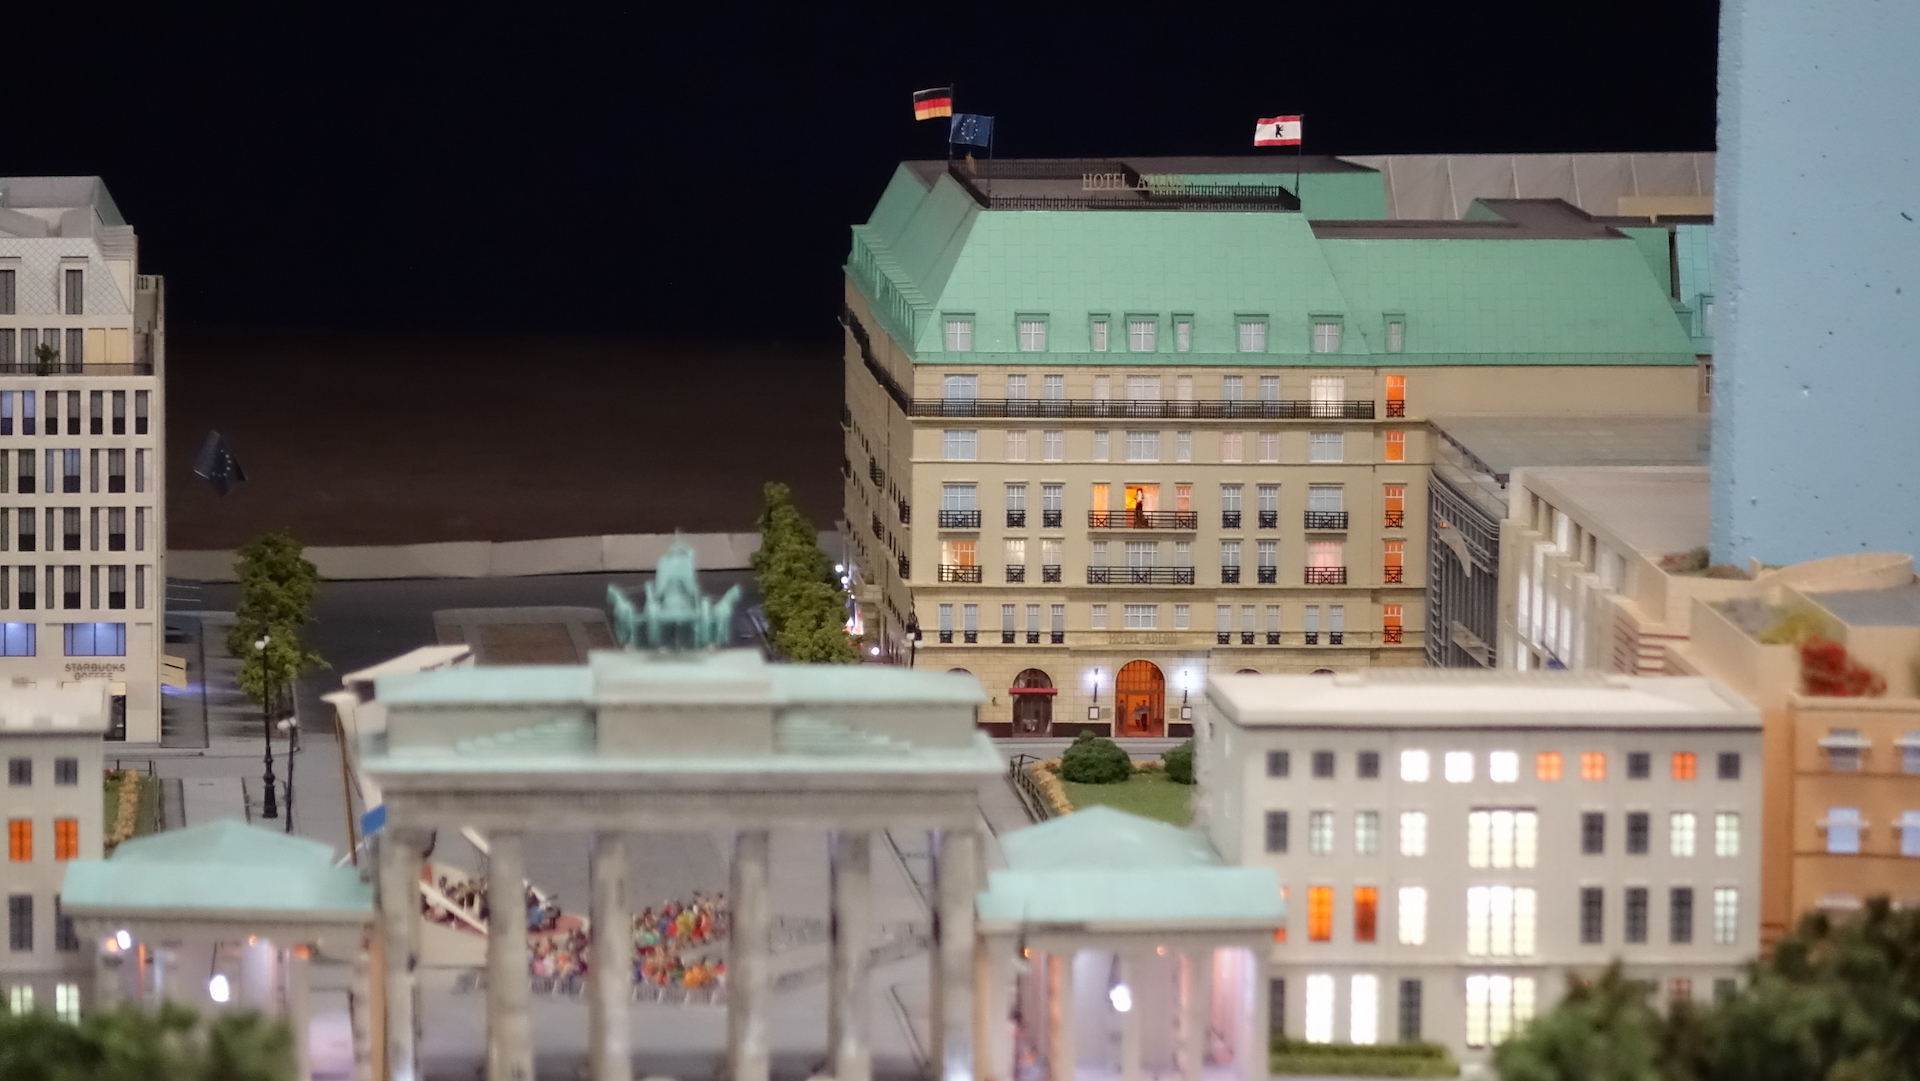 17_04_30_Miniaturwelten-Loox-Berlin_073